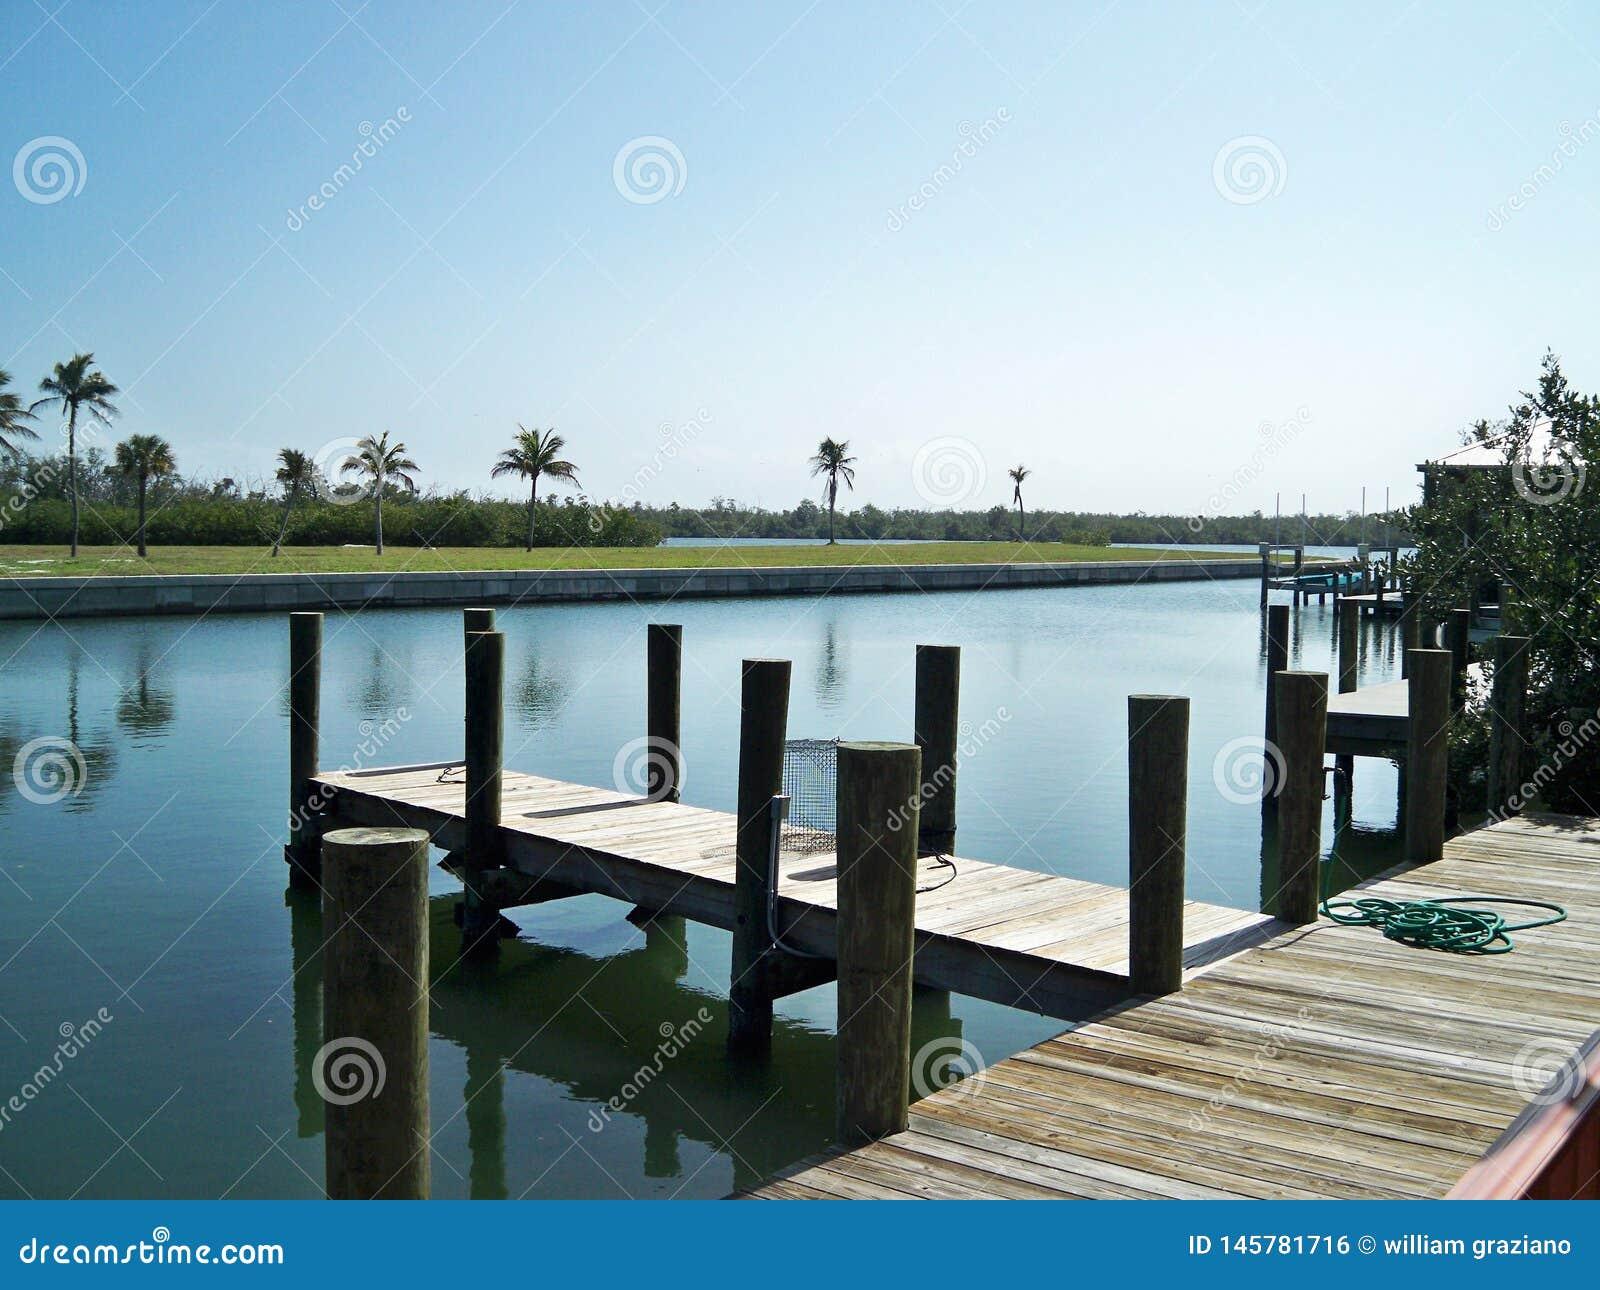 Dok op het water op prettige zonnige dag